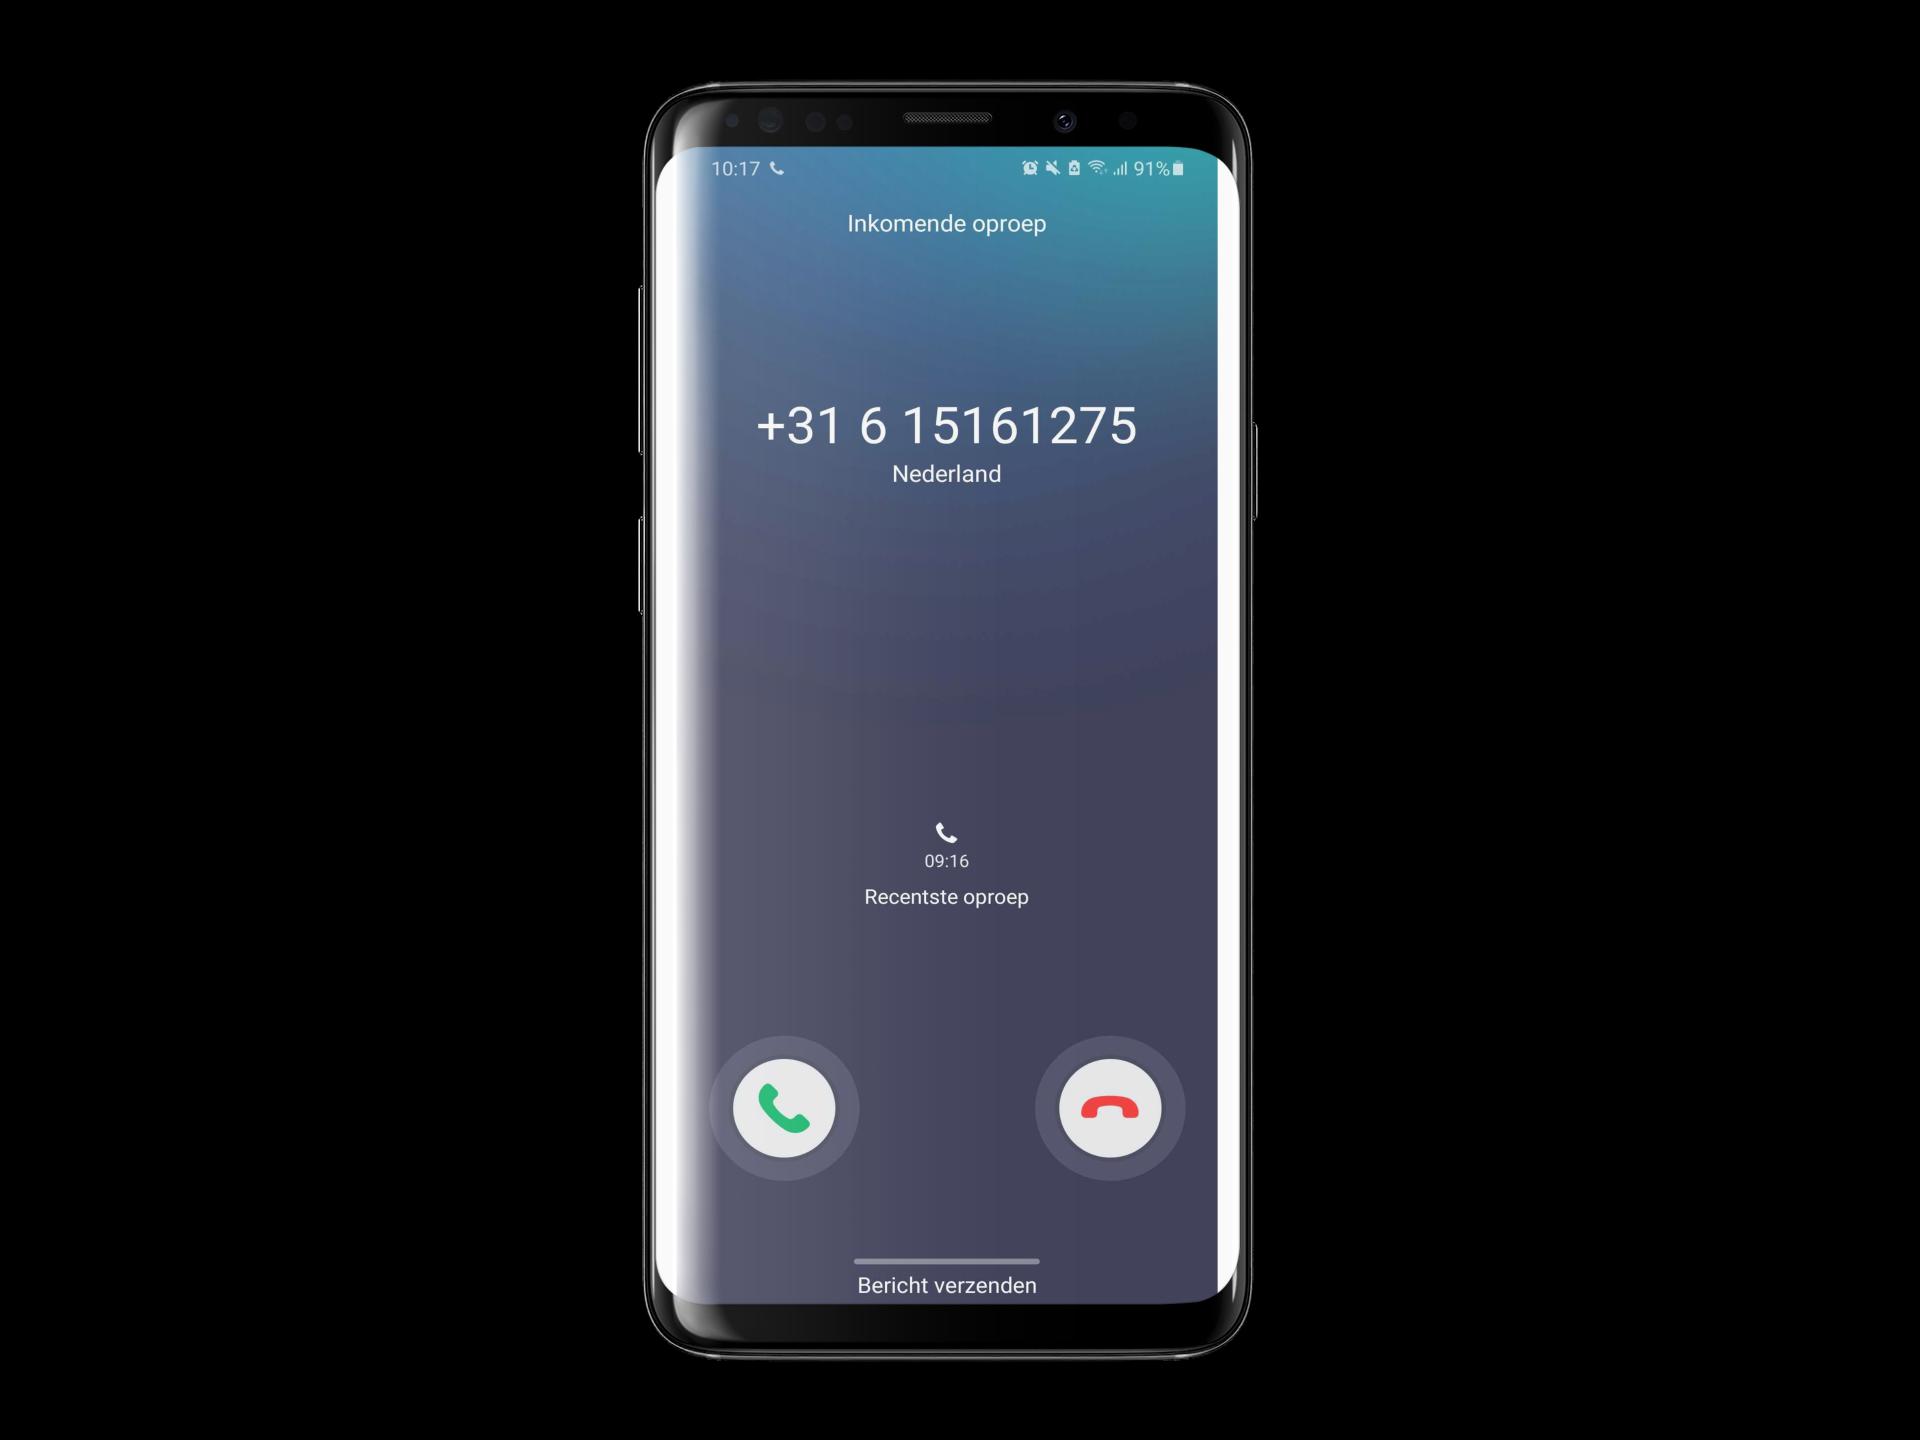 Weergave 1 - telefoonnummer van de beller - Android iPhone Mijn Bereik - Beller ID